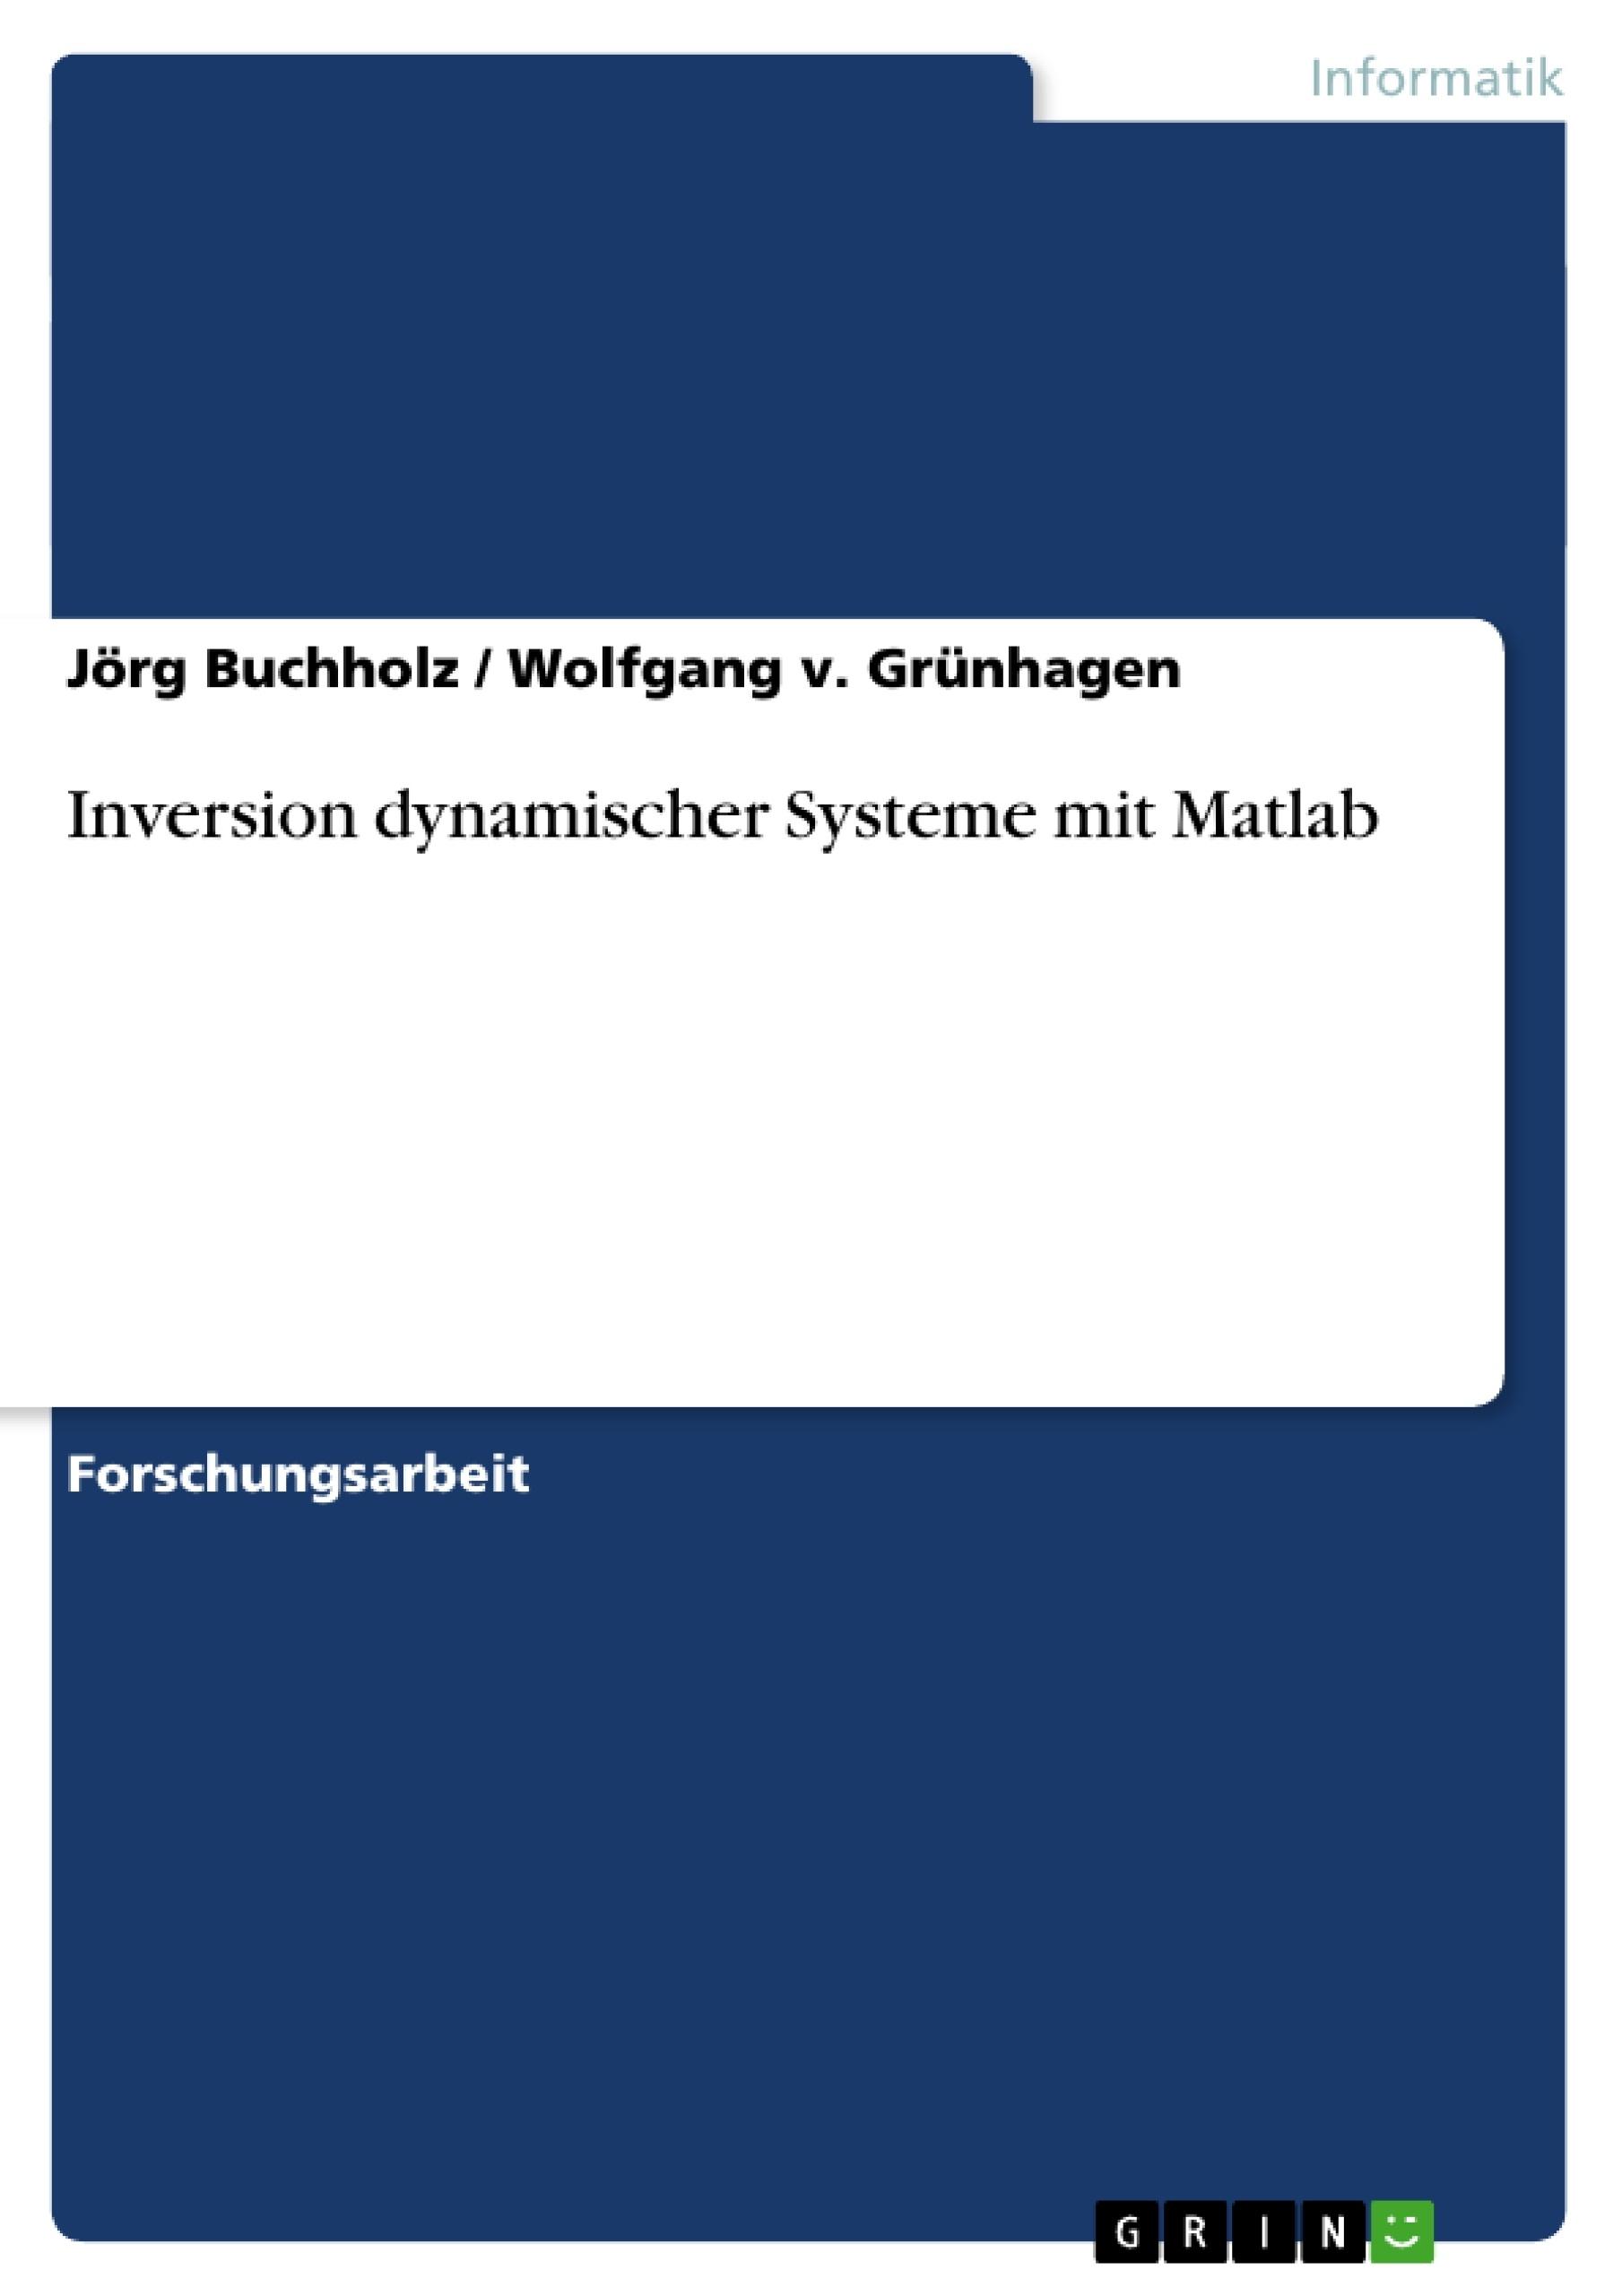 Titel: Inversion dynamischer Systeme mit Matlab